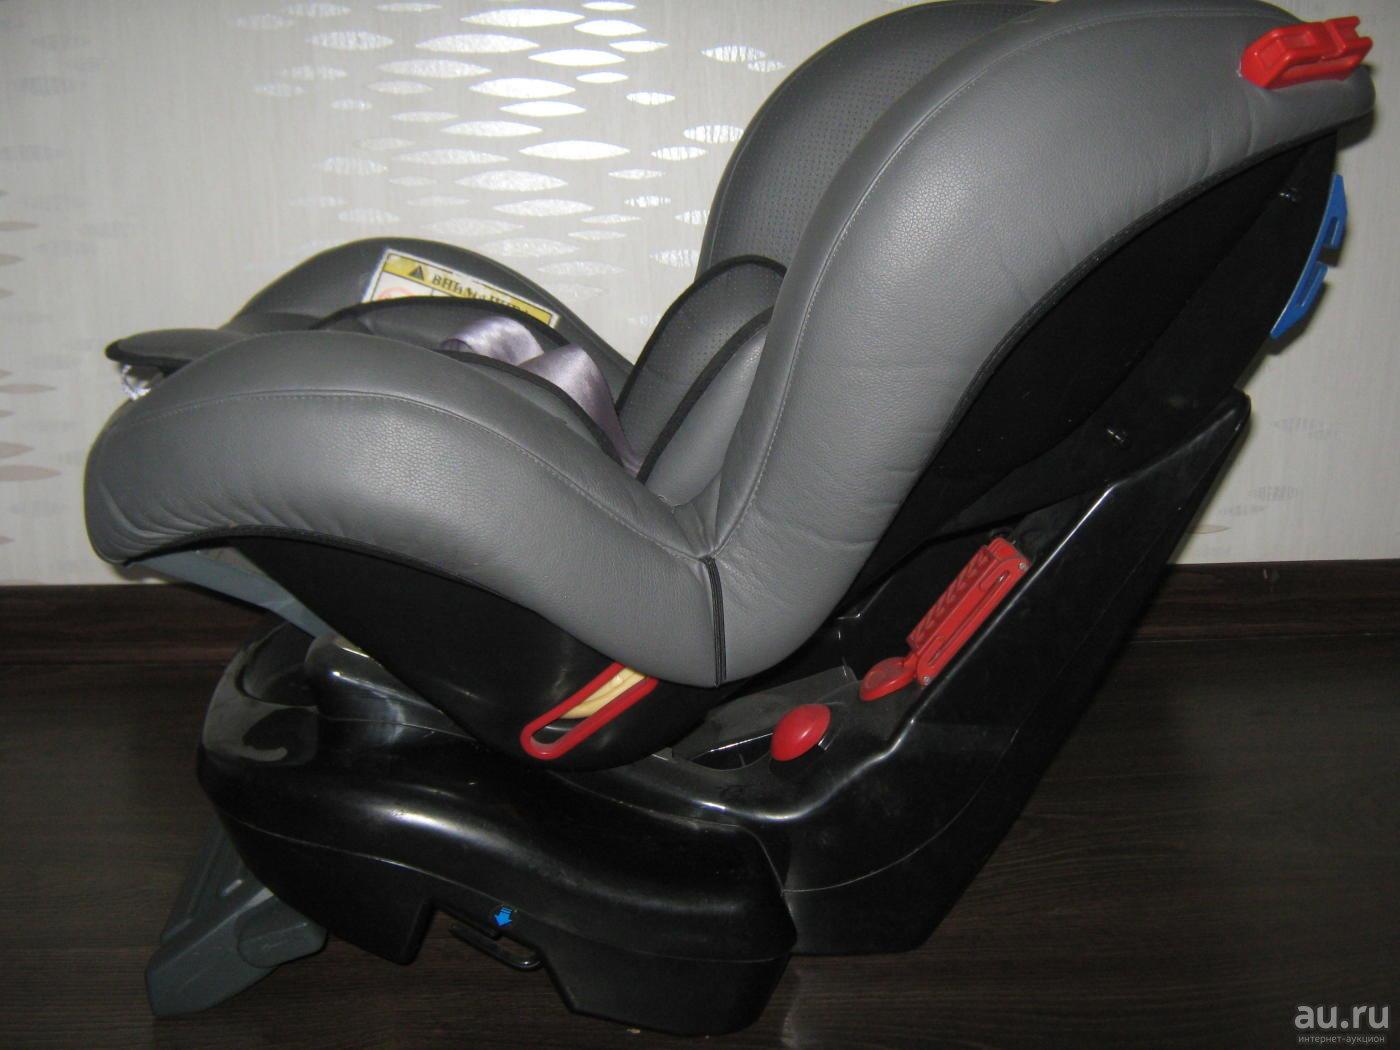 Коляска abc design: прогулочные варианты giro, talea lx и mini, трехколесные дизайнерские модели, отзывы